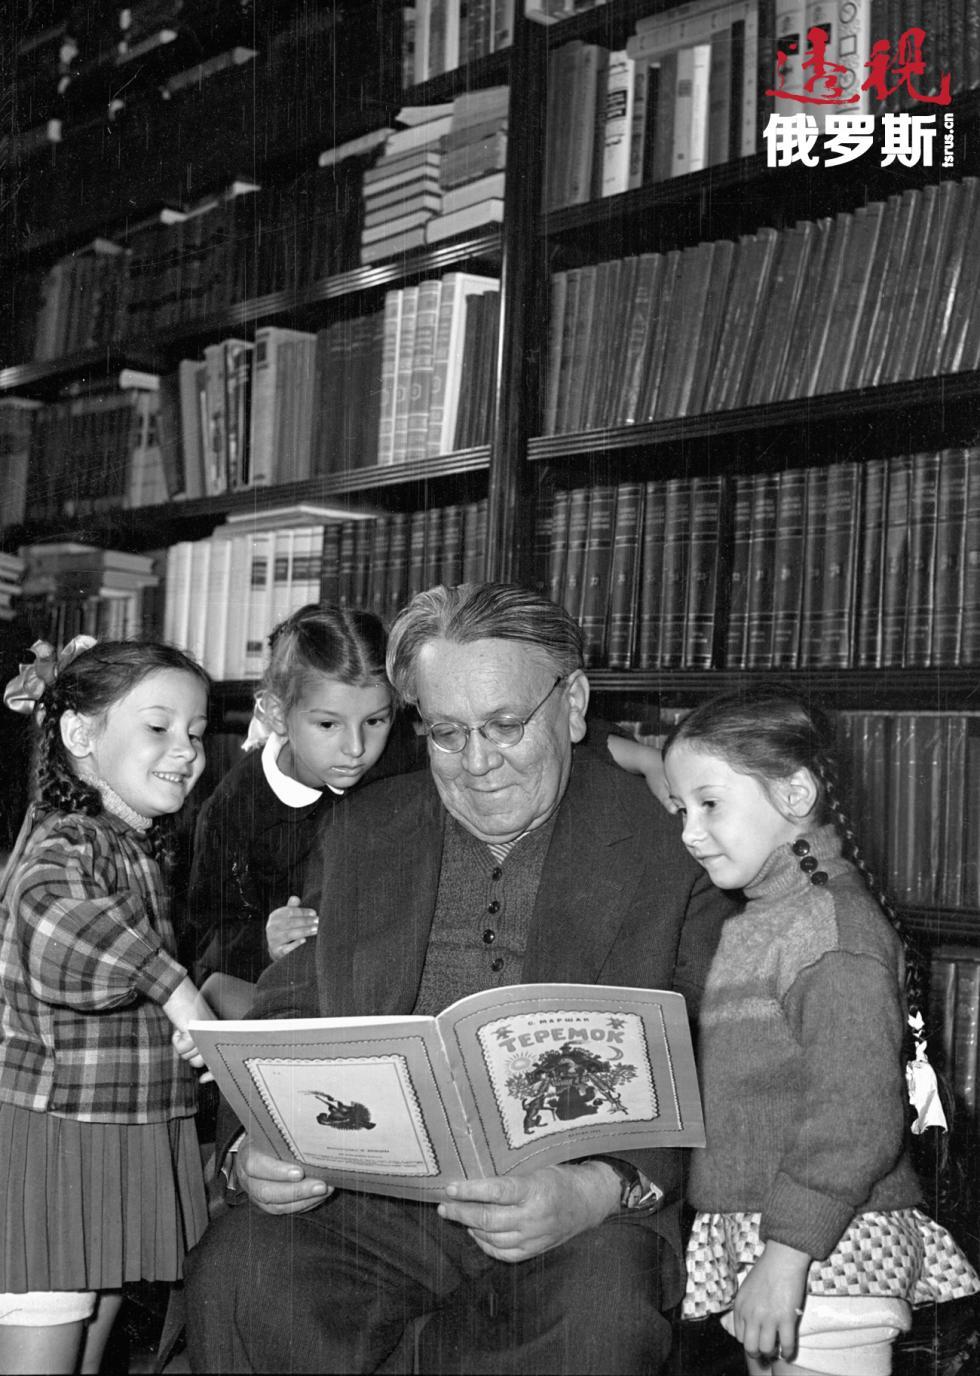 萨穆伊尔·马尔沙克和小孩子。 图片来源:Mikhail Trahman/俄新社